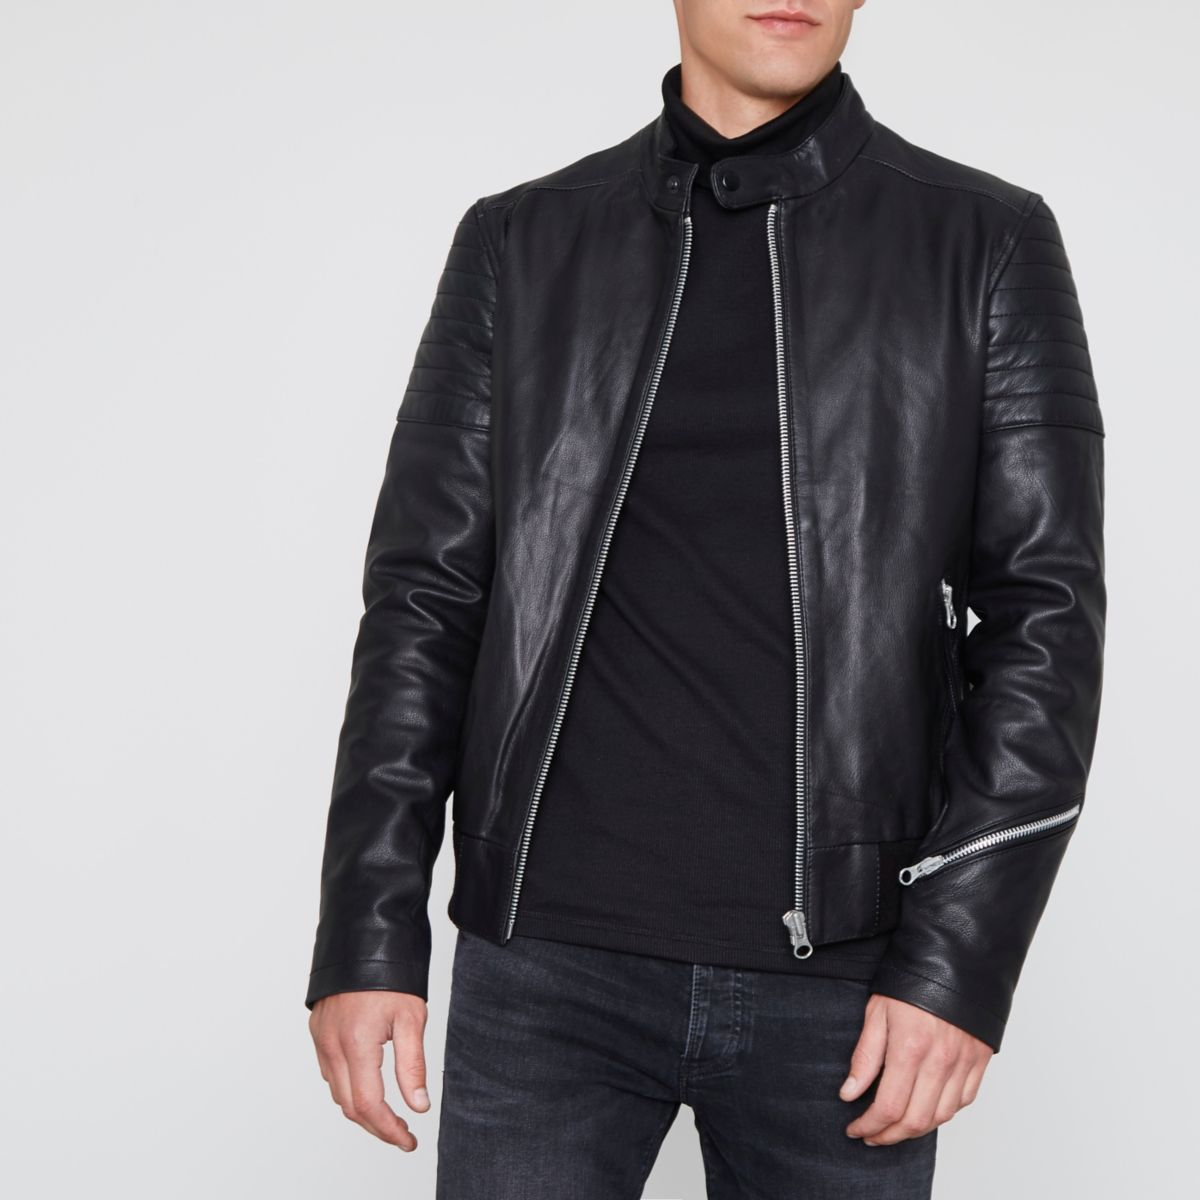 Veste en cuir noire haute qualité